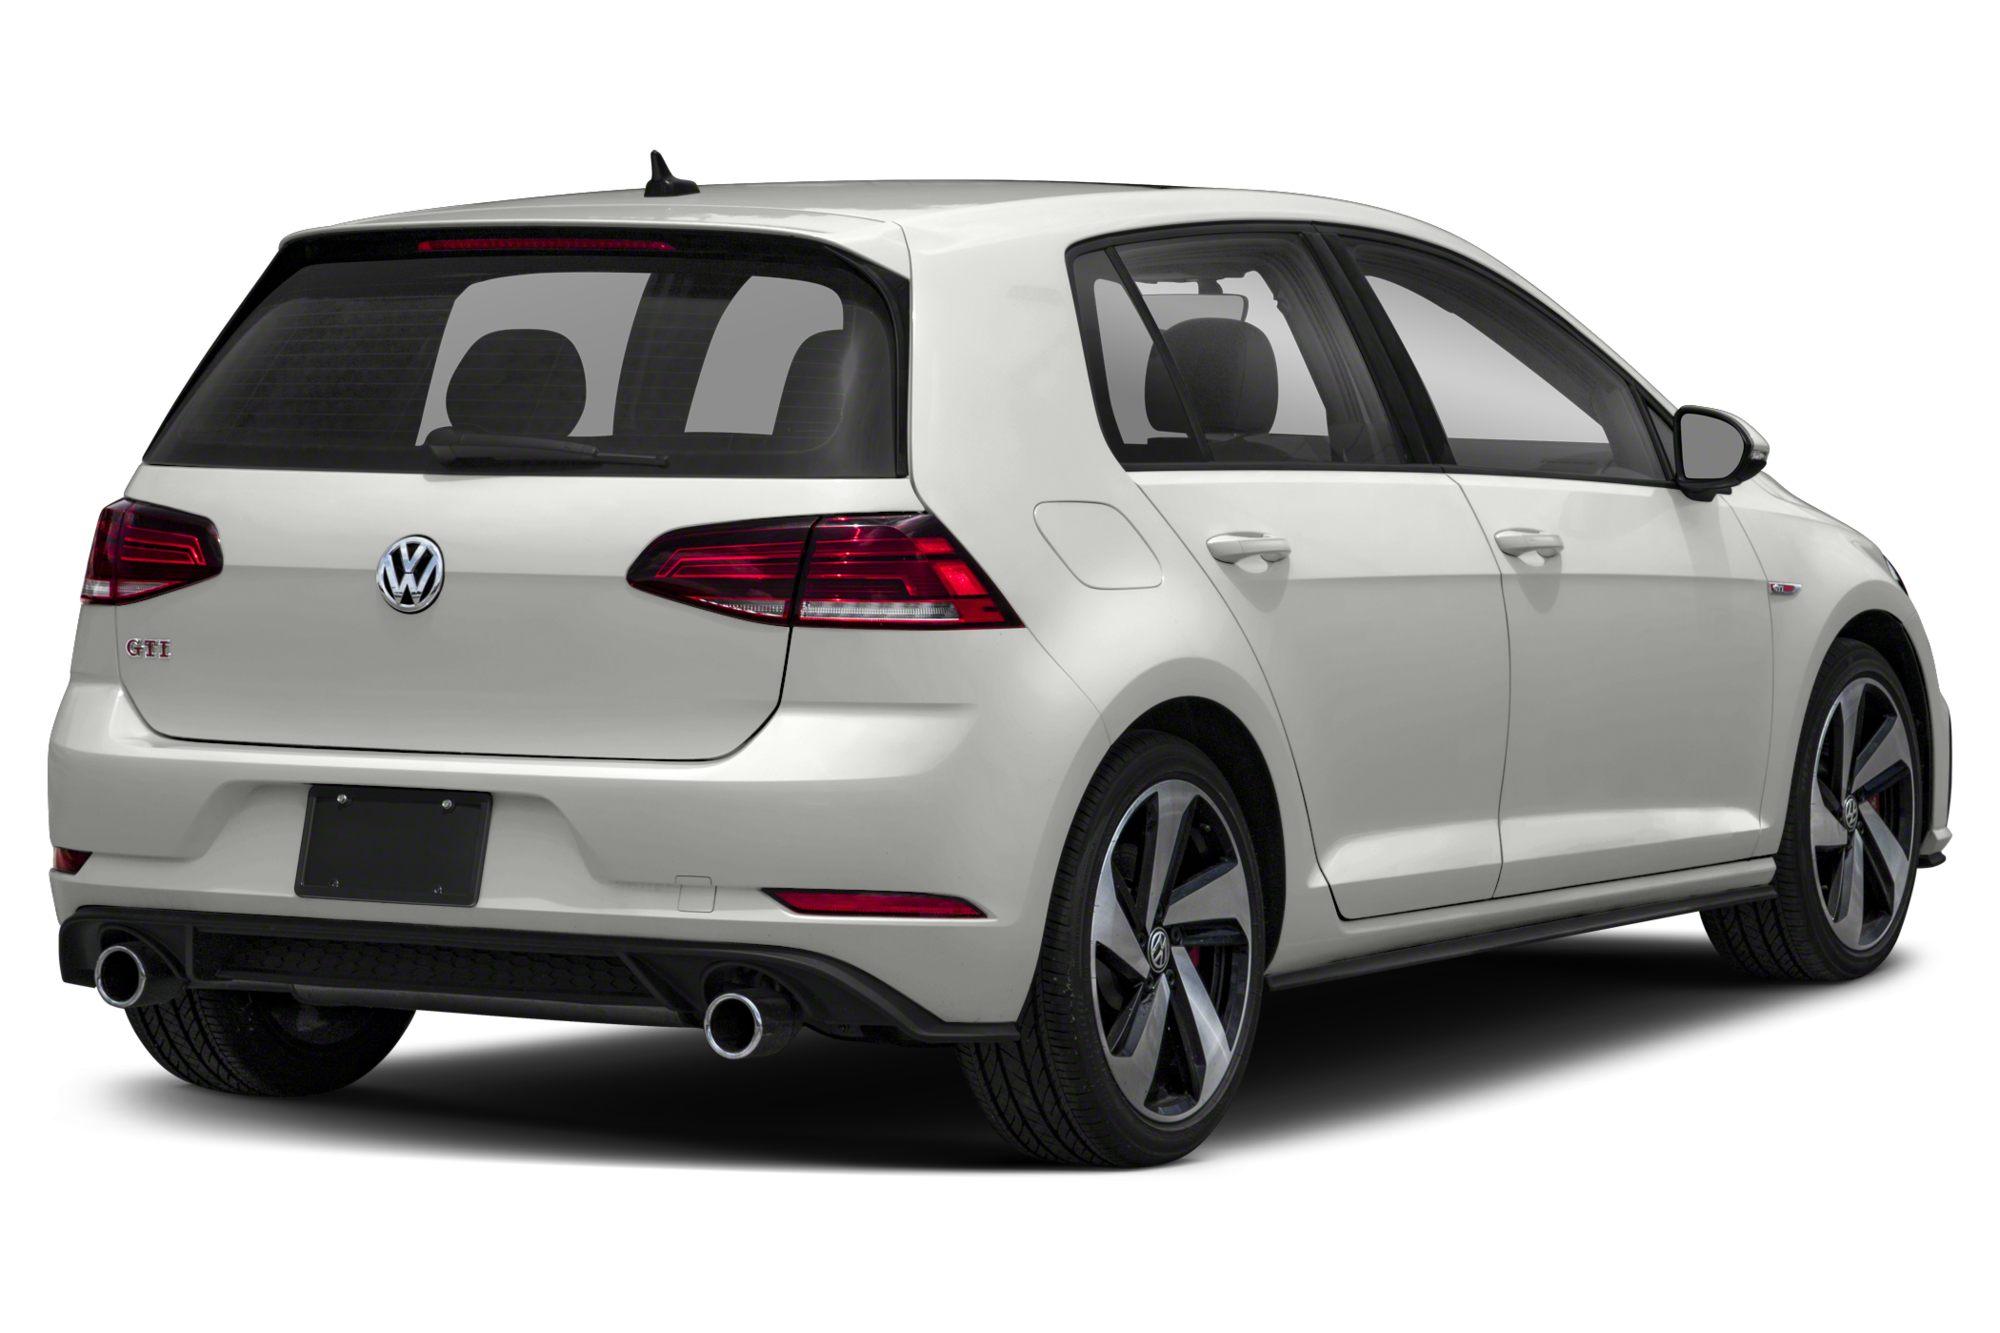 679,000 2011-2019 Volkswagen Cars: Recall Alert